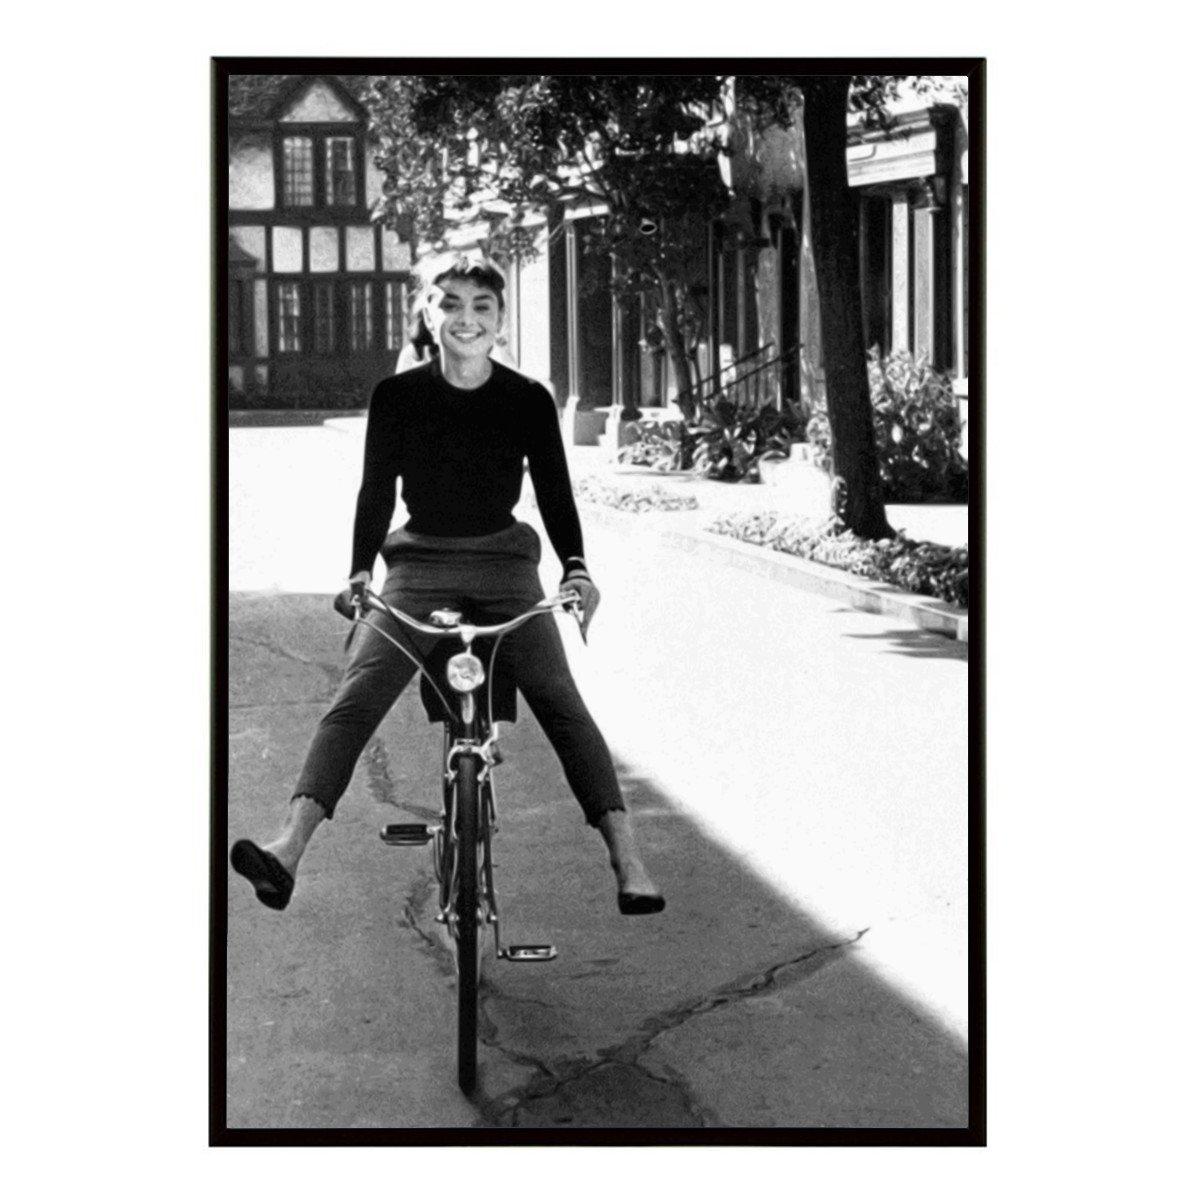 Aroma of Paris アートポスター おしゃれ インテリア 北欧 モノクロ アート #181 A2 ゴールドフレーム B079QW2ZZ5 A2 (420 x 594mm)|ゴールドフレーム ゴールドフレーム A2 (420 x 594mm)